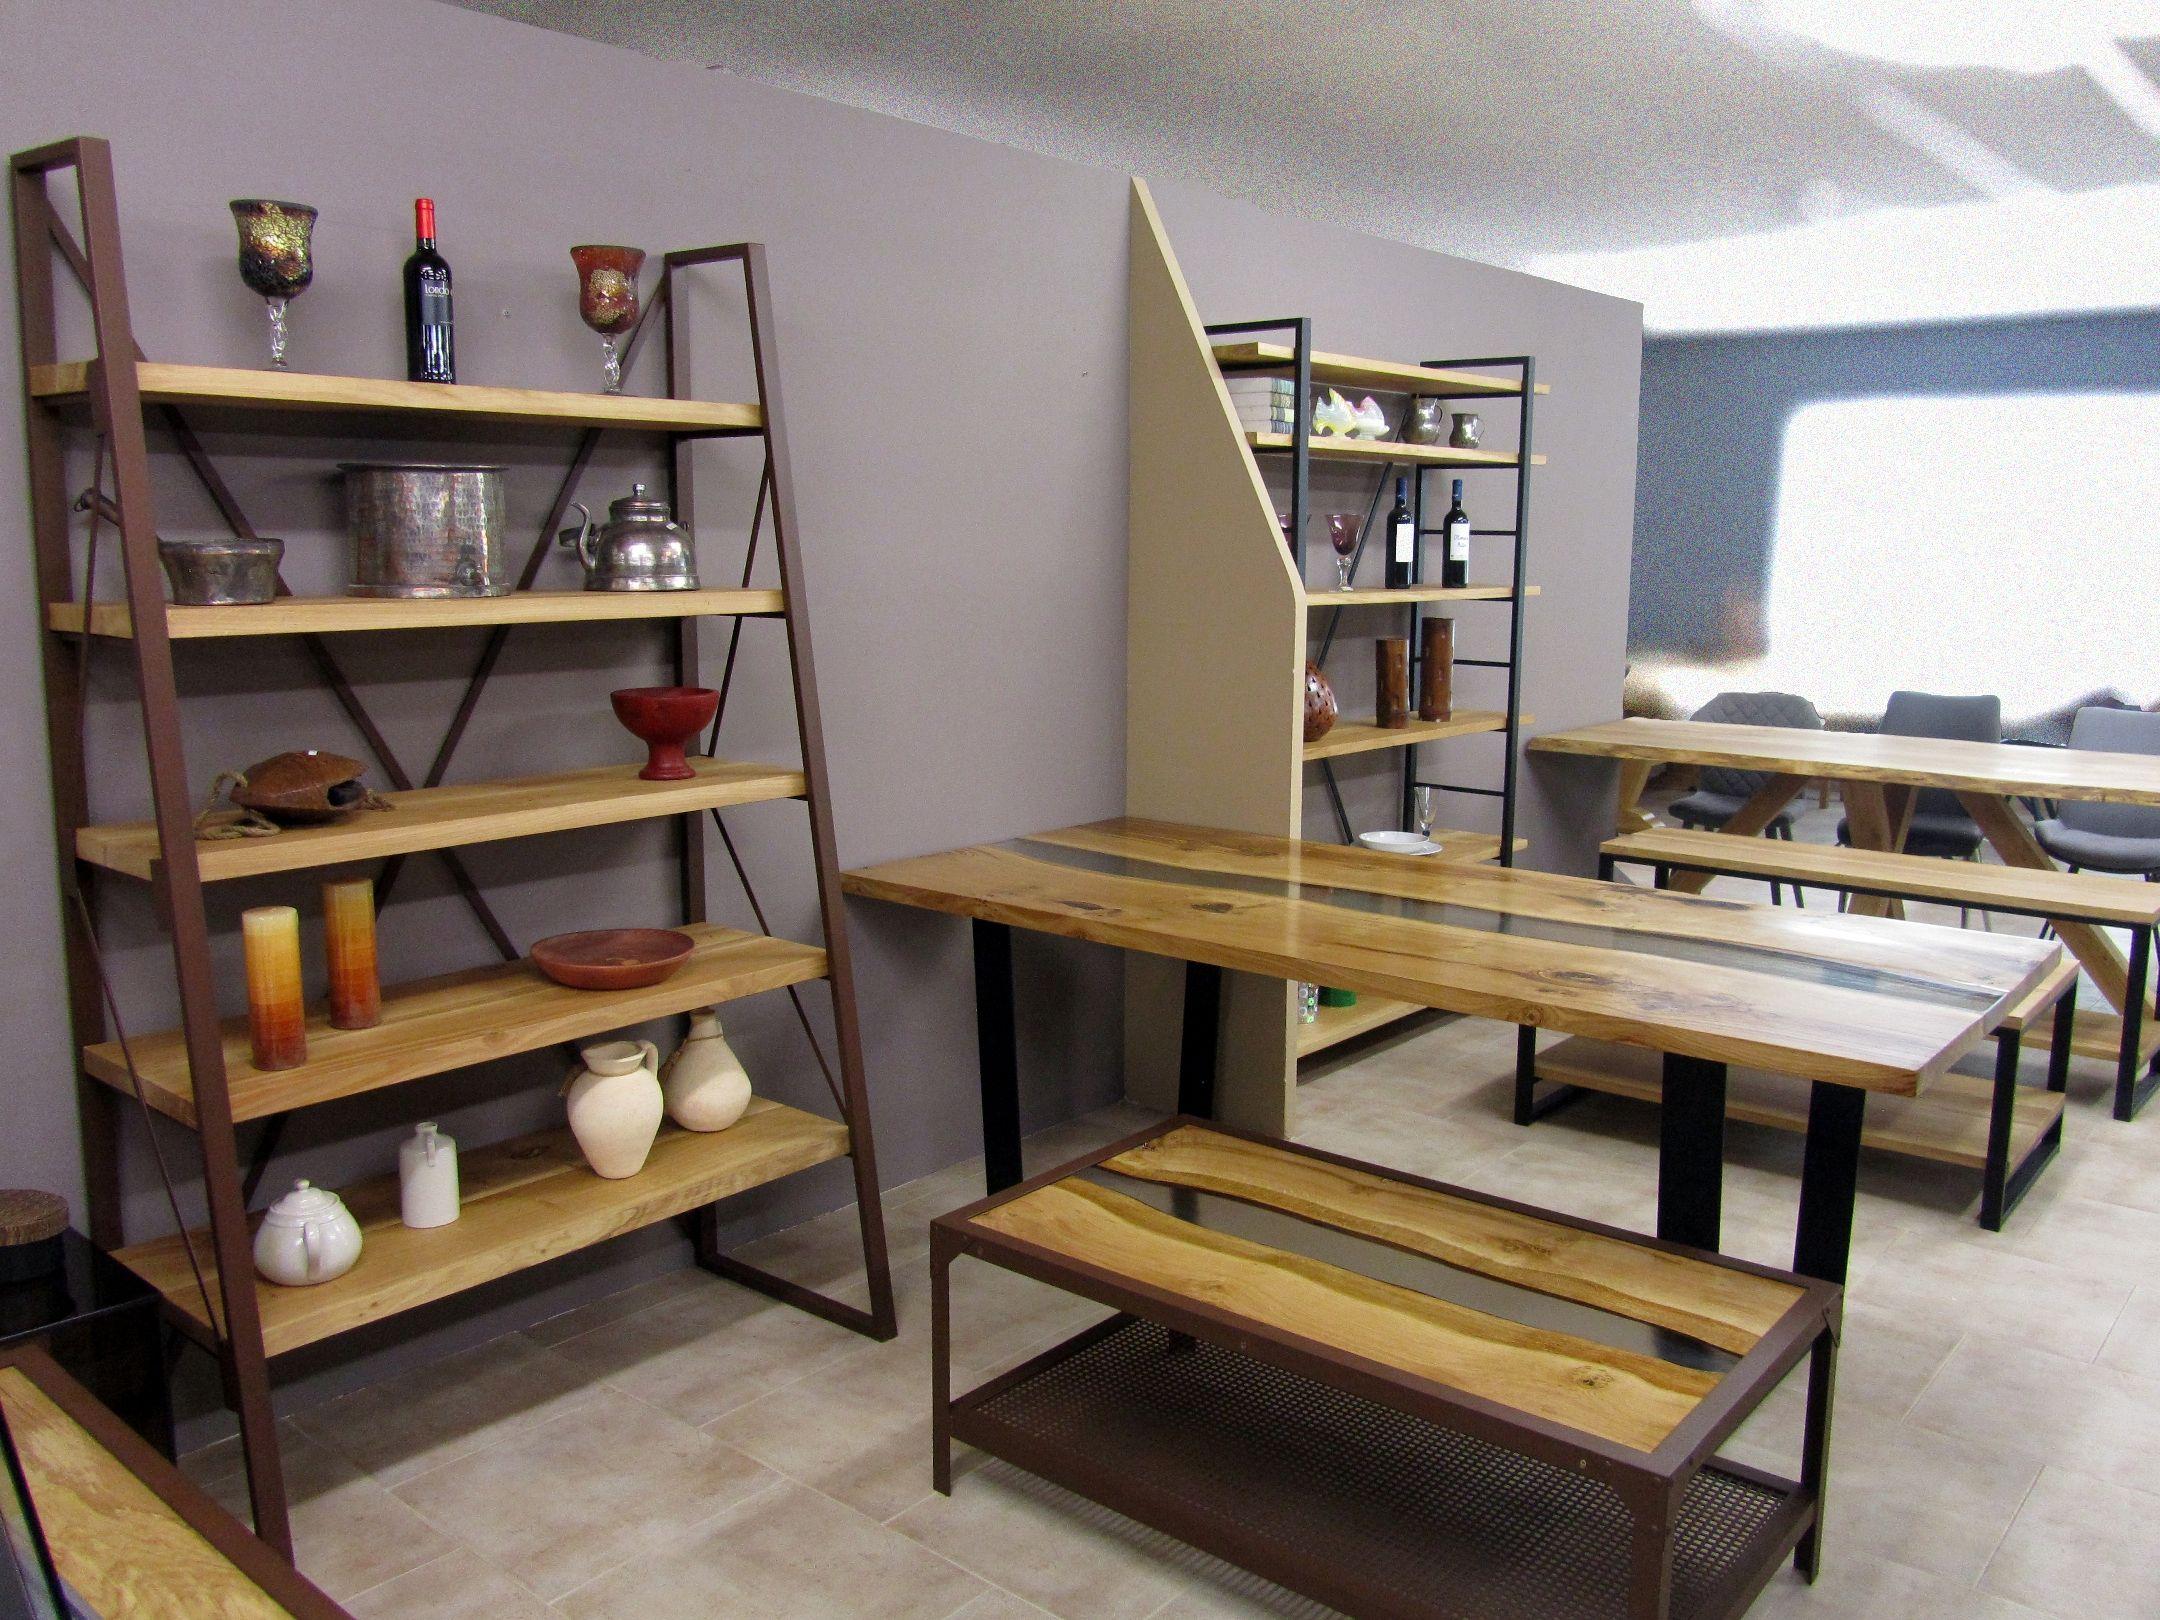 Ambiente colección muebles diseño industrial | Muebles de diseño ...